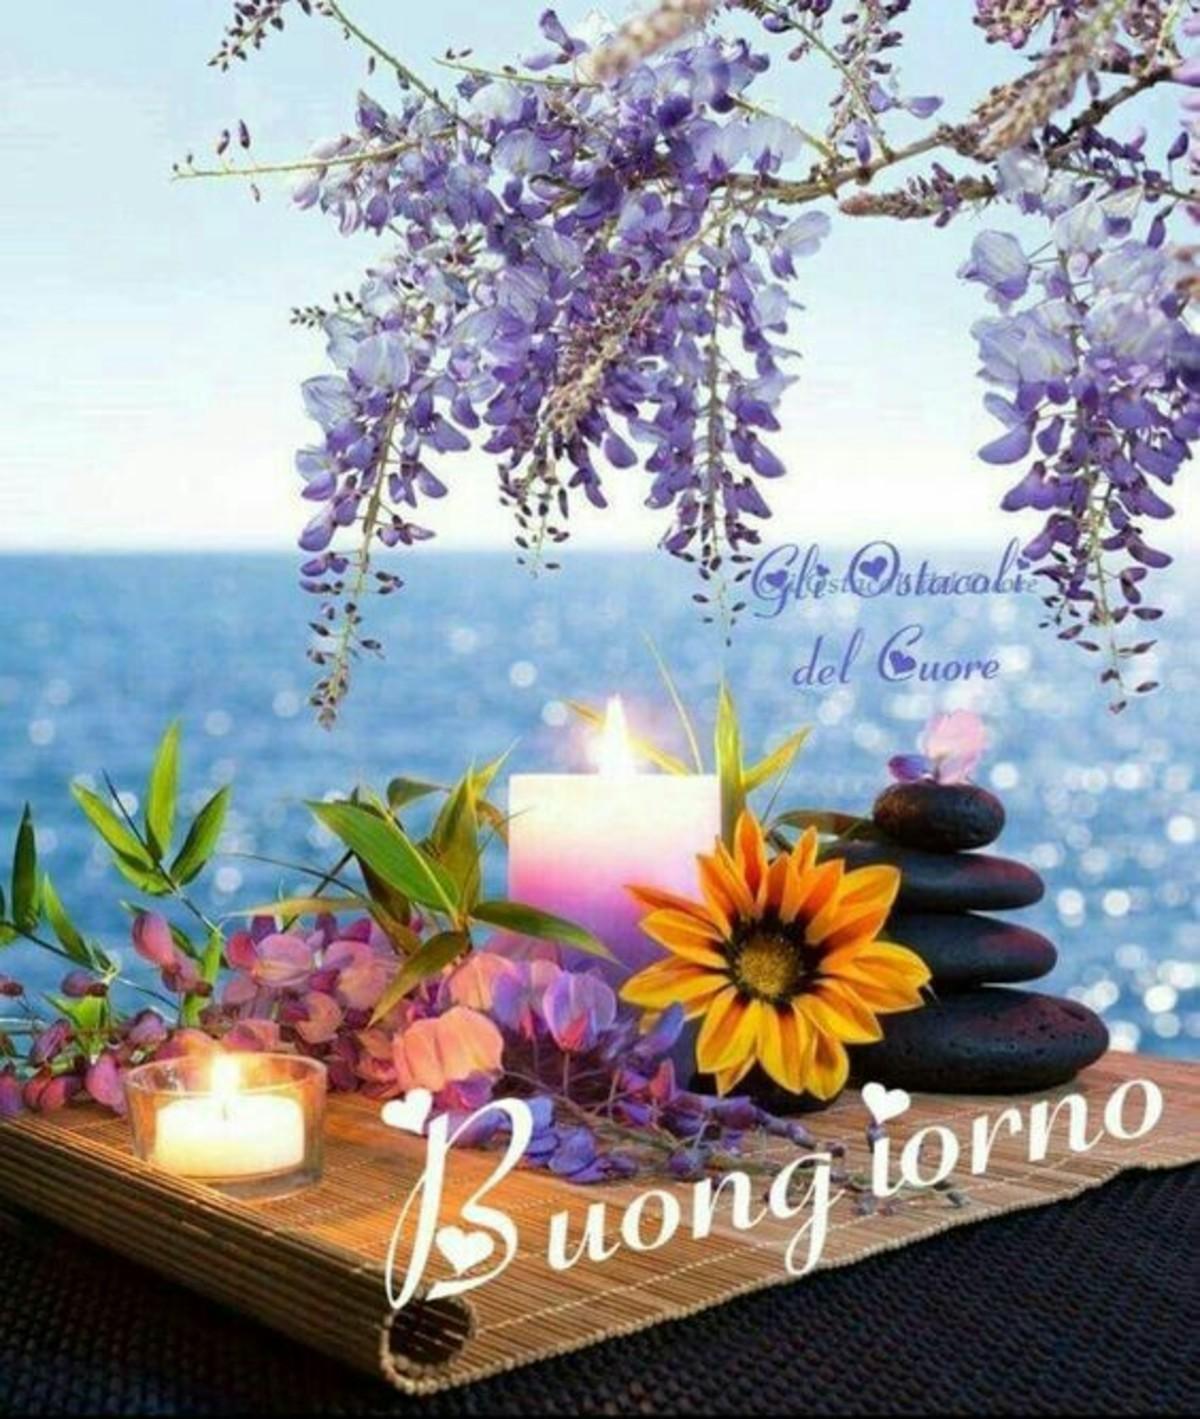 Immagini Buongiorno Con Il Sole 2361 Bellissimeimmagini It